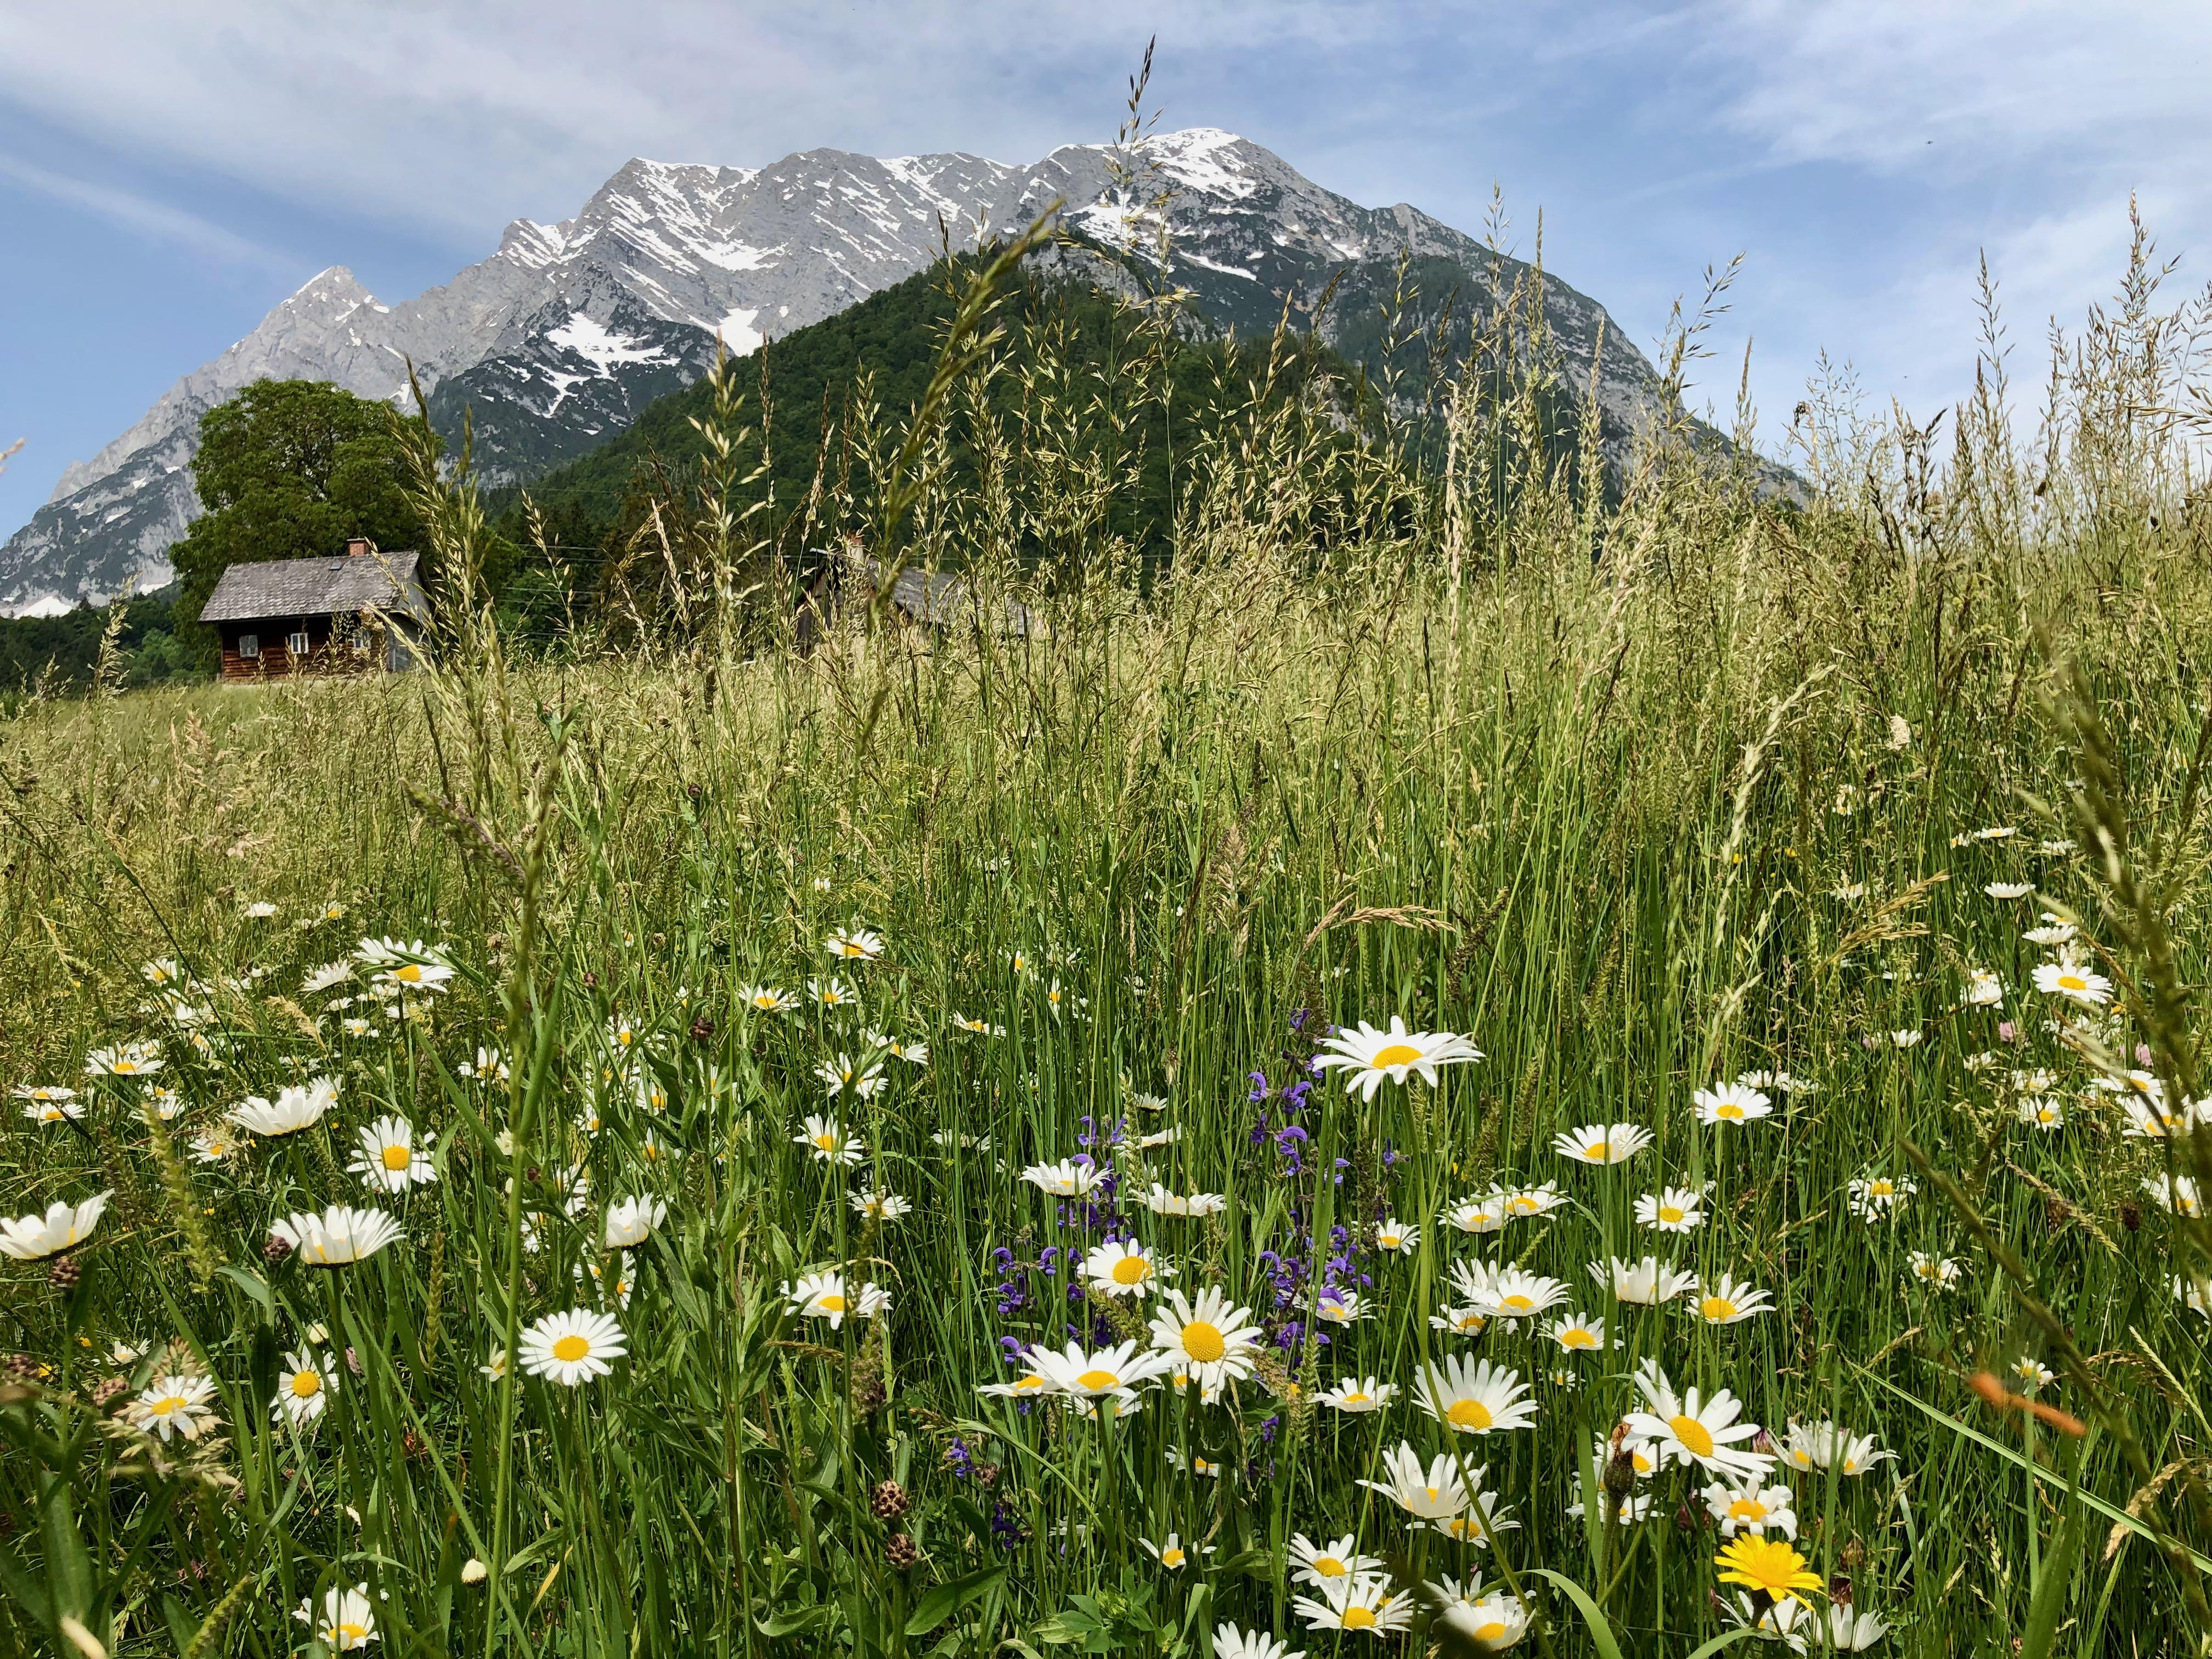 Extensive zum ersten Aufwuchs mit Margeriten, Wiesensalbei und Glatthafer. Im Hintergrund ist der Bergstock des Grimming ersichtlich.